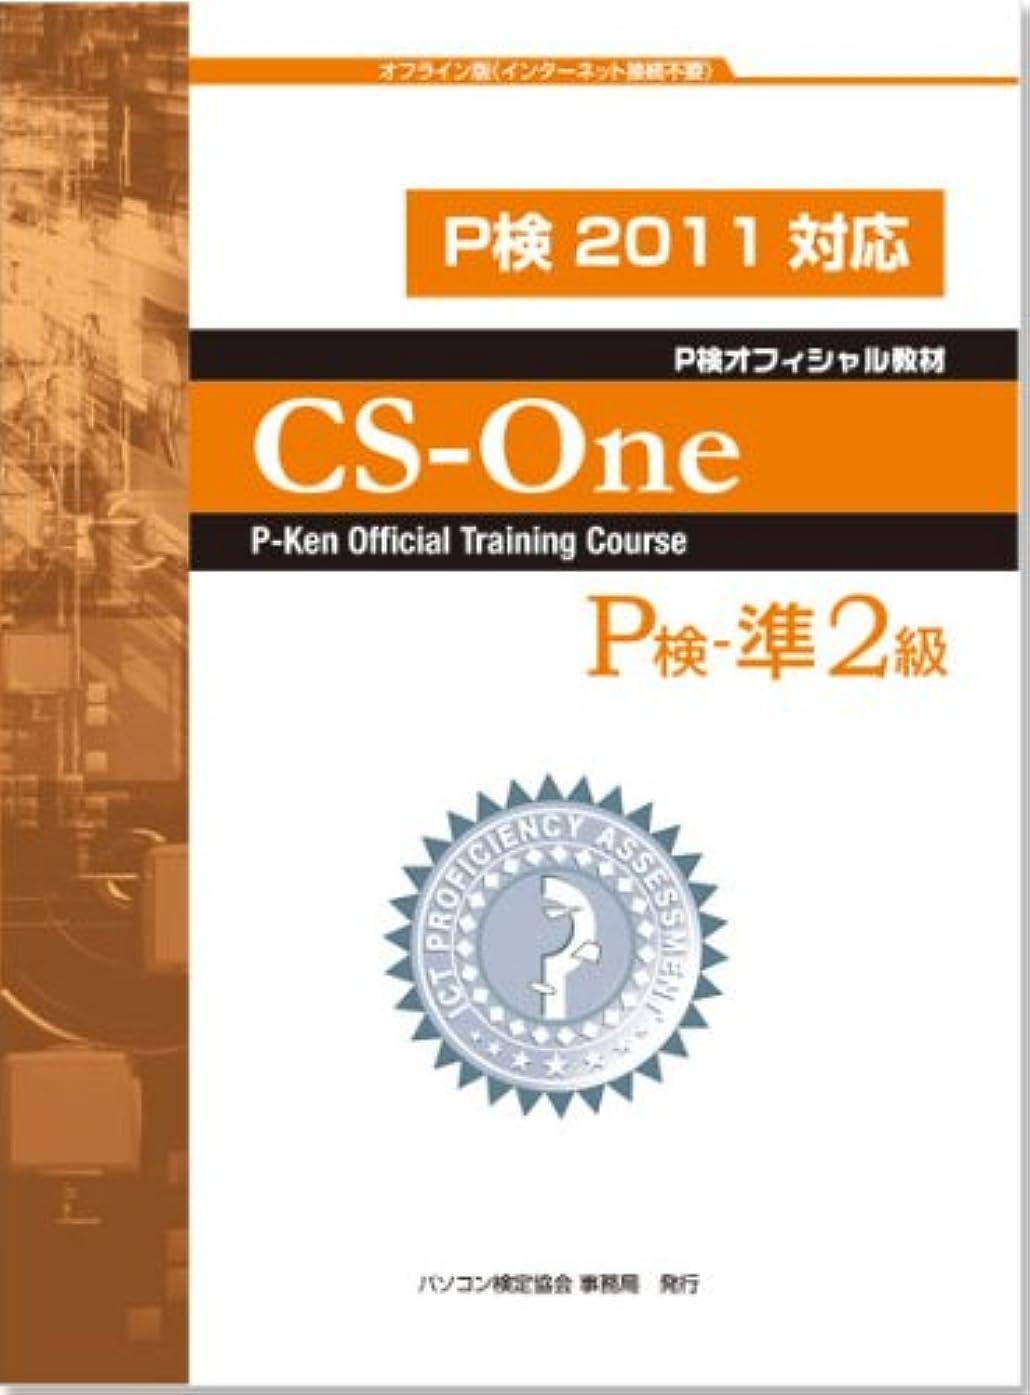 圧縮実証する泥棒P検オフィシャル教材 CS-One P検準2級 P検2011対応